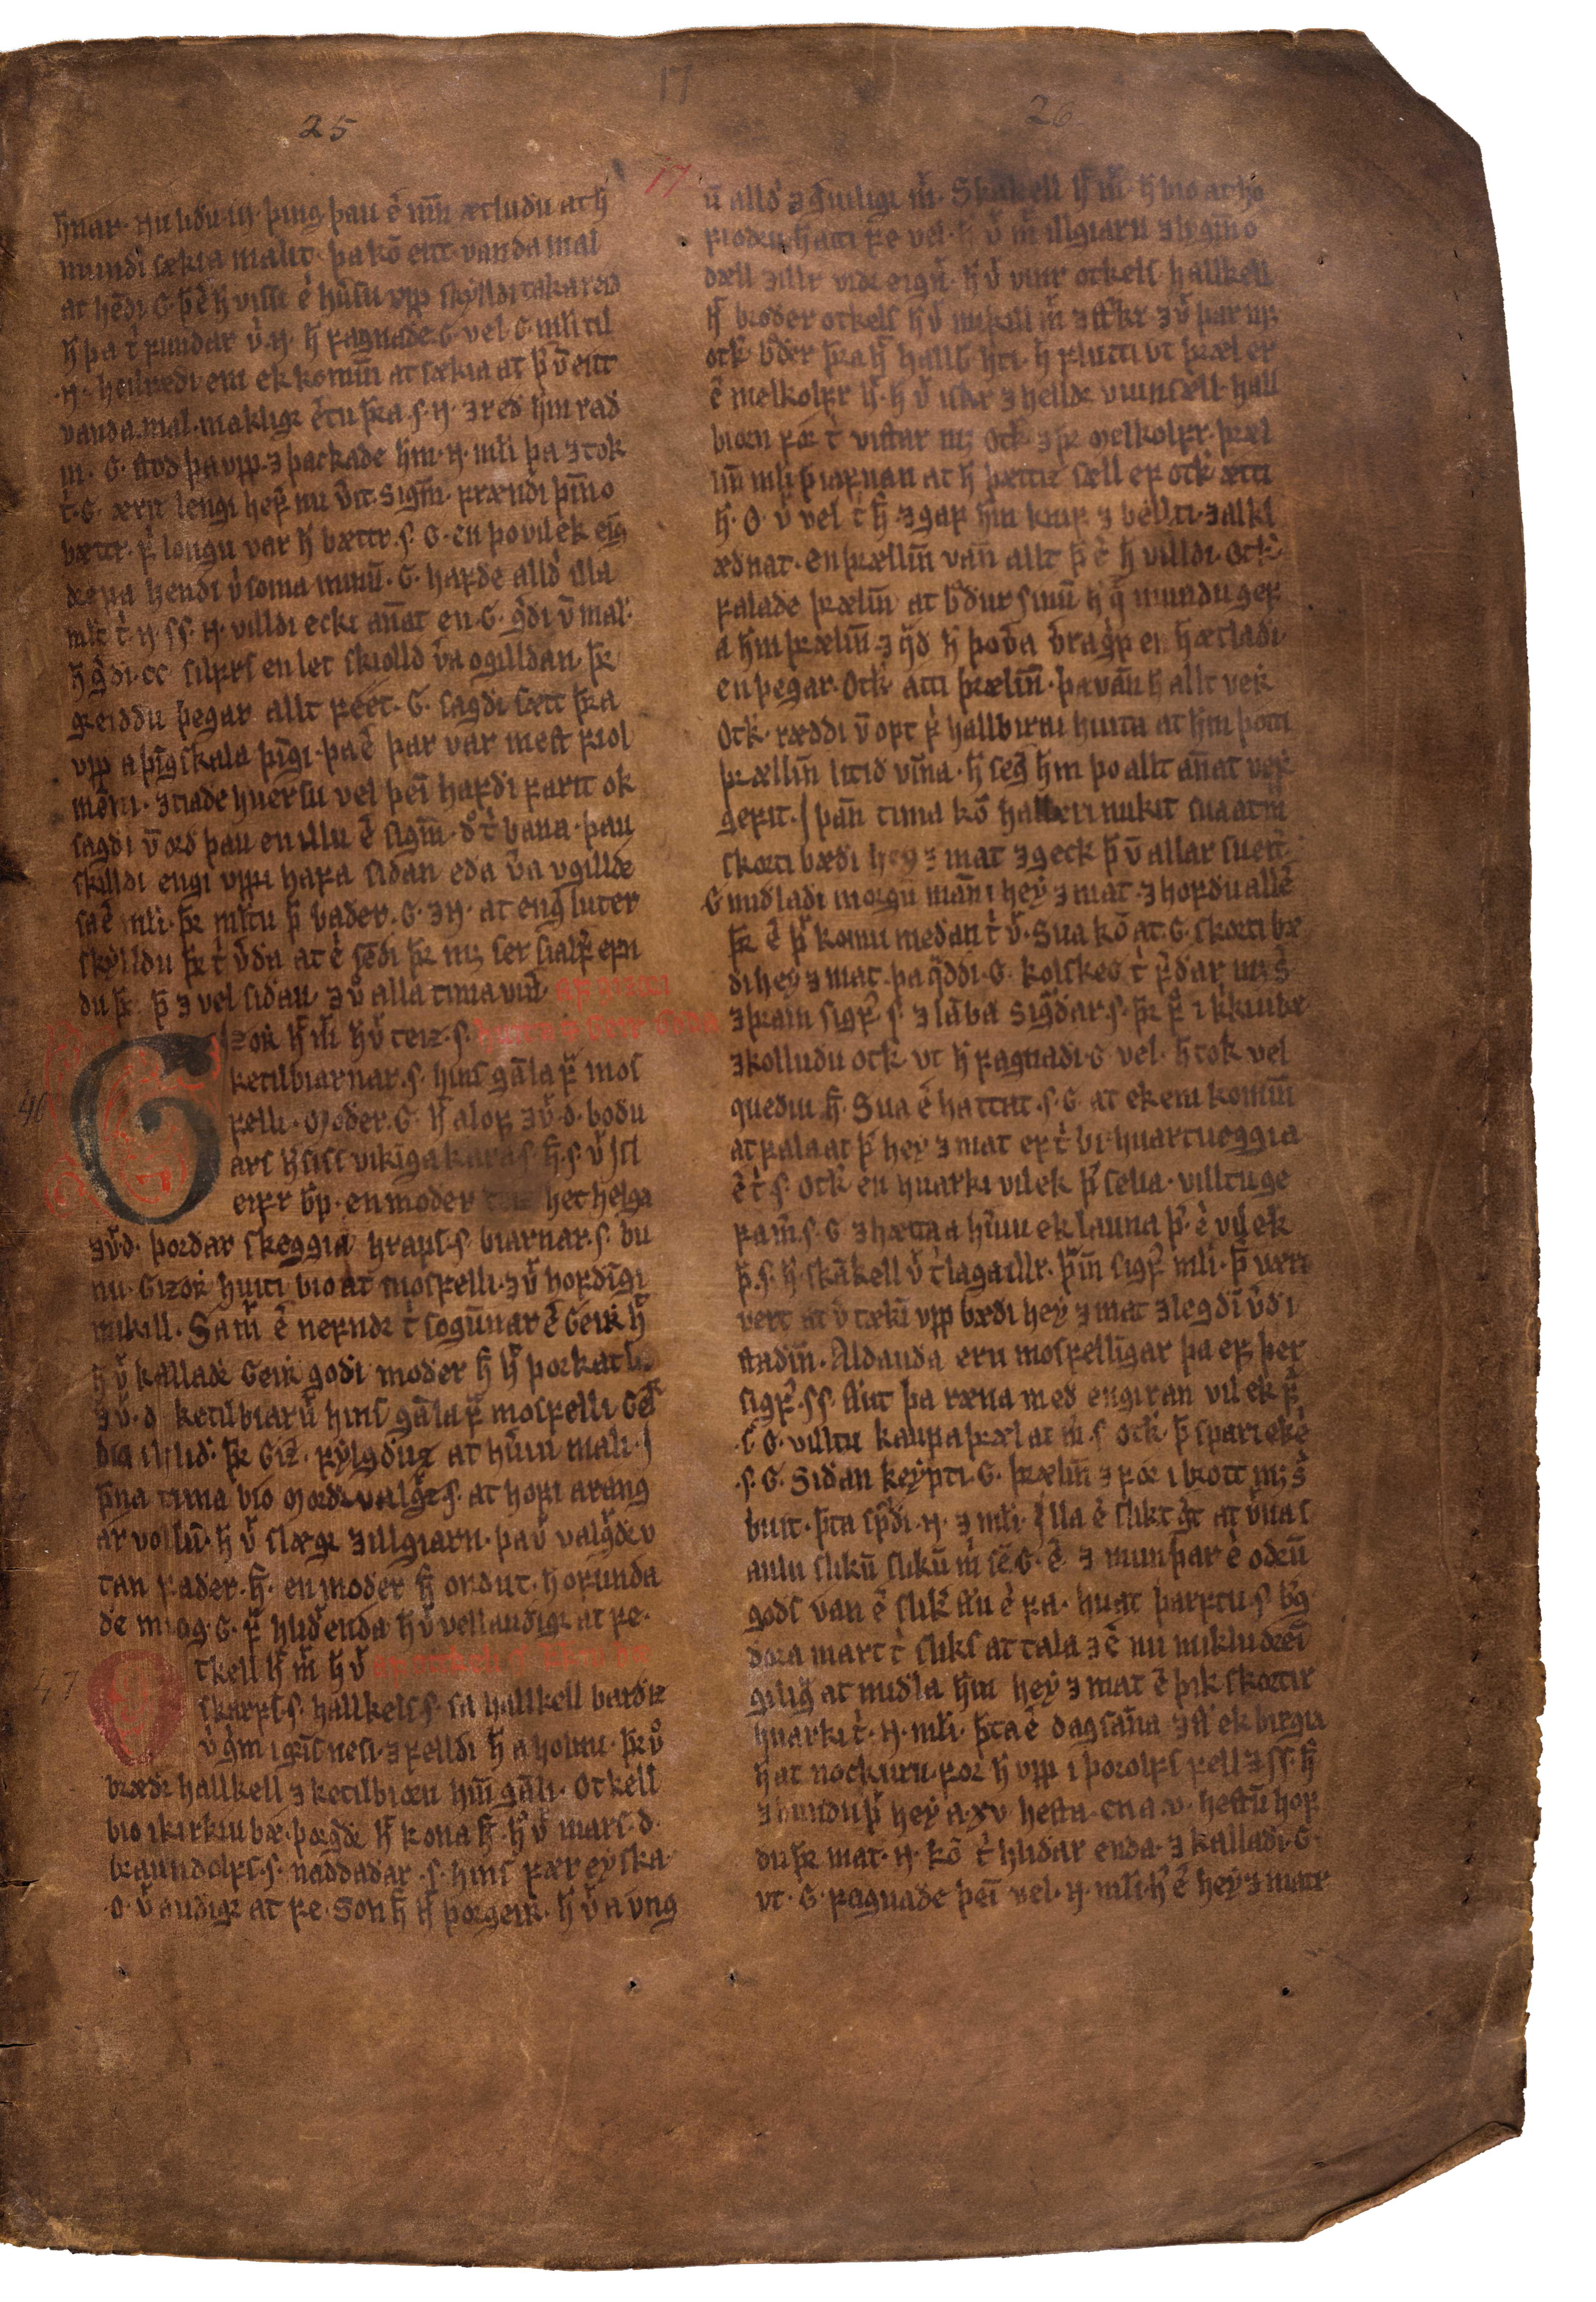 AM 132 fol - 17r